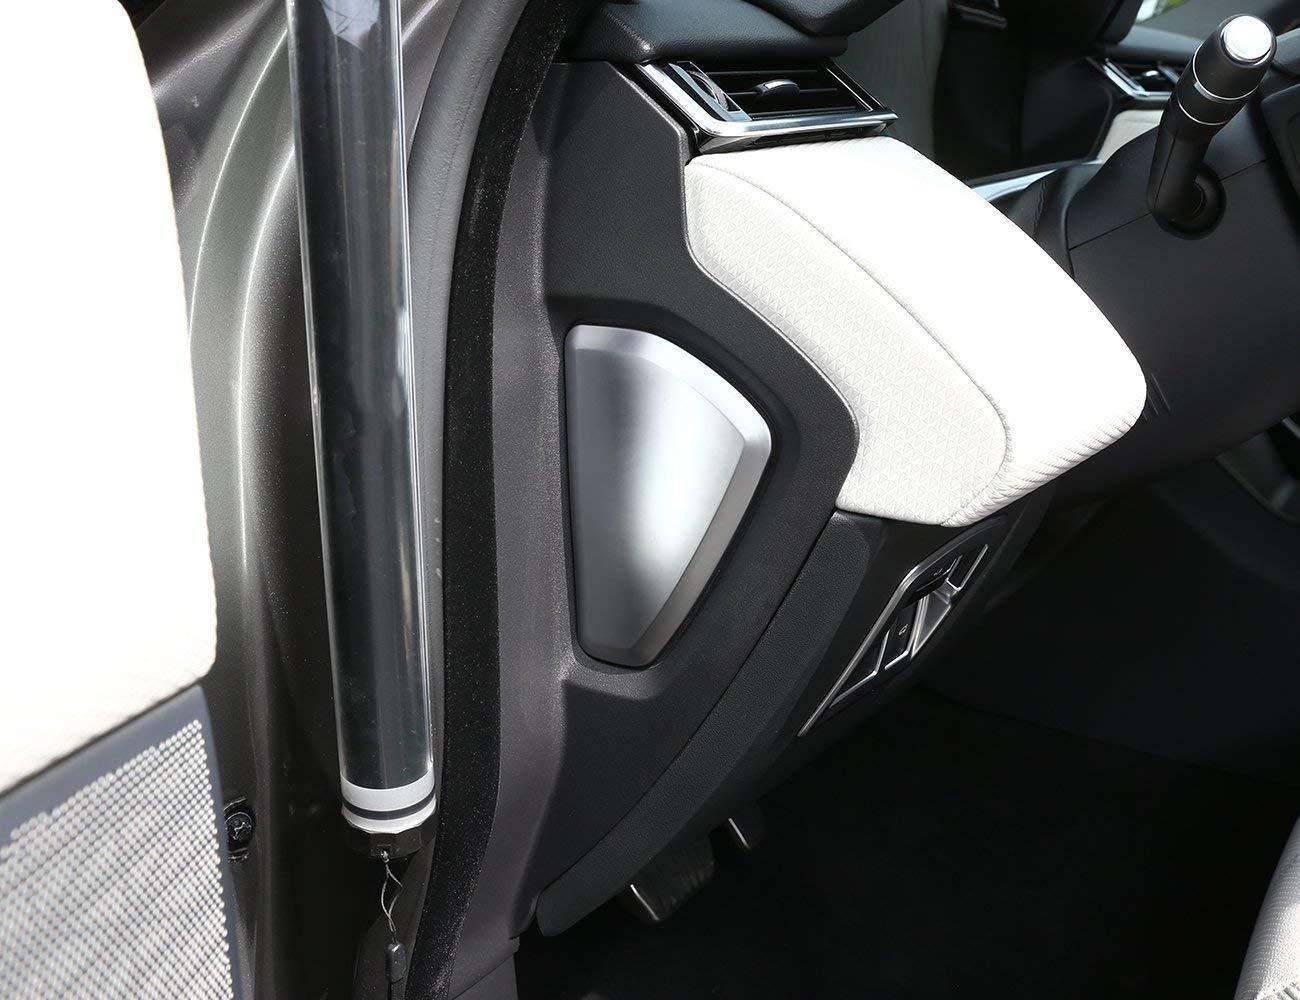 Accessoires de Voiture de Garniture de Couverture laté rale de dé coration en Plastique ABS pour RR Velar 2017 Argent Mat Auto-broy